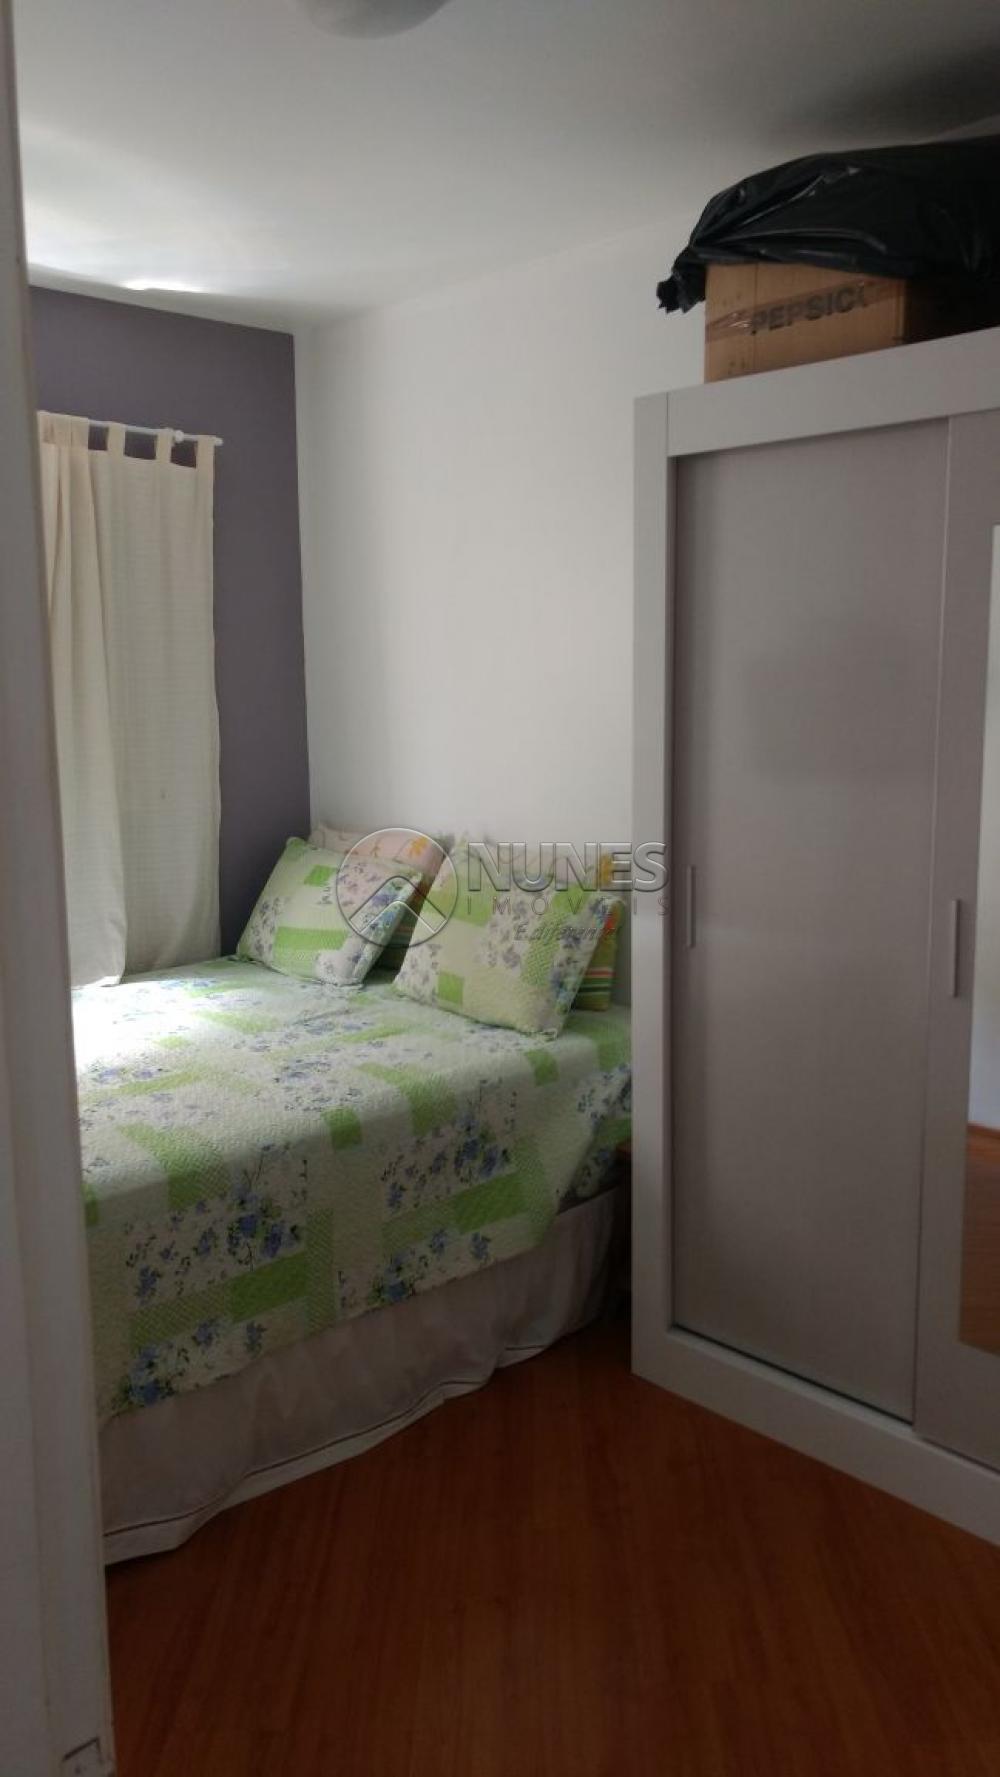 Comprar Apartamento / Padrão em Osasco apenas R$ 252.000,00 - Foto 8